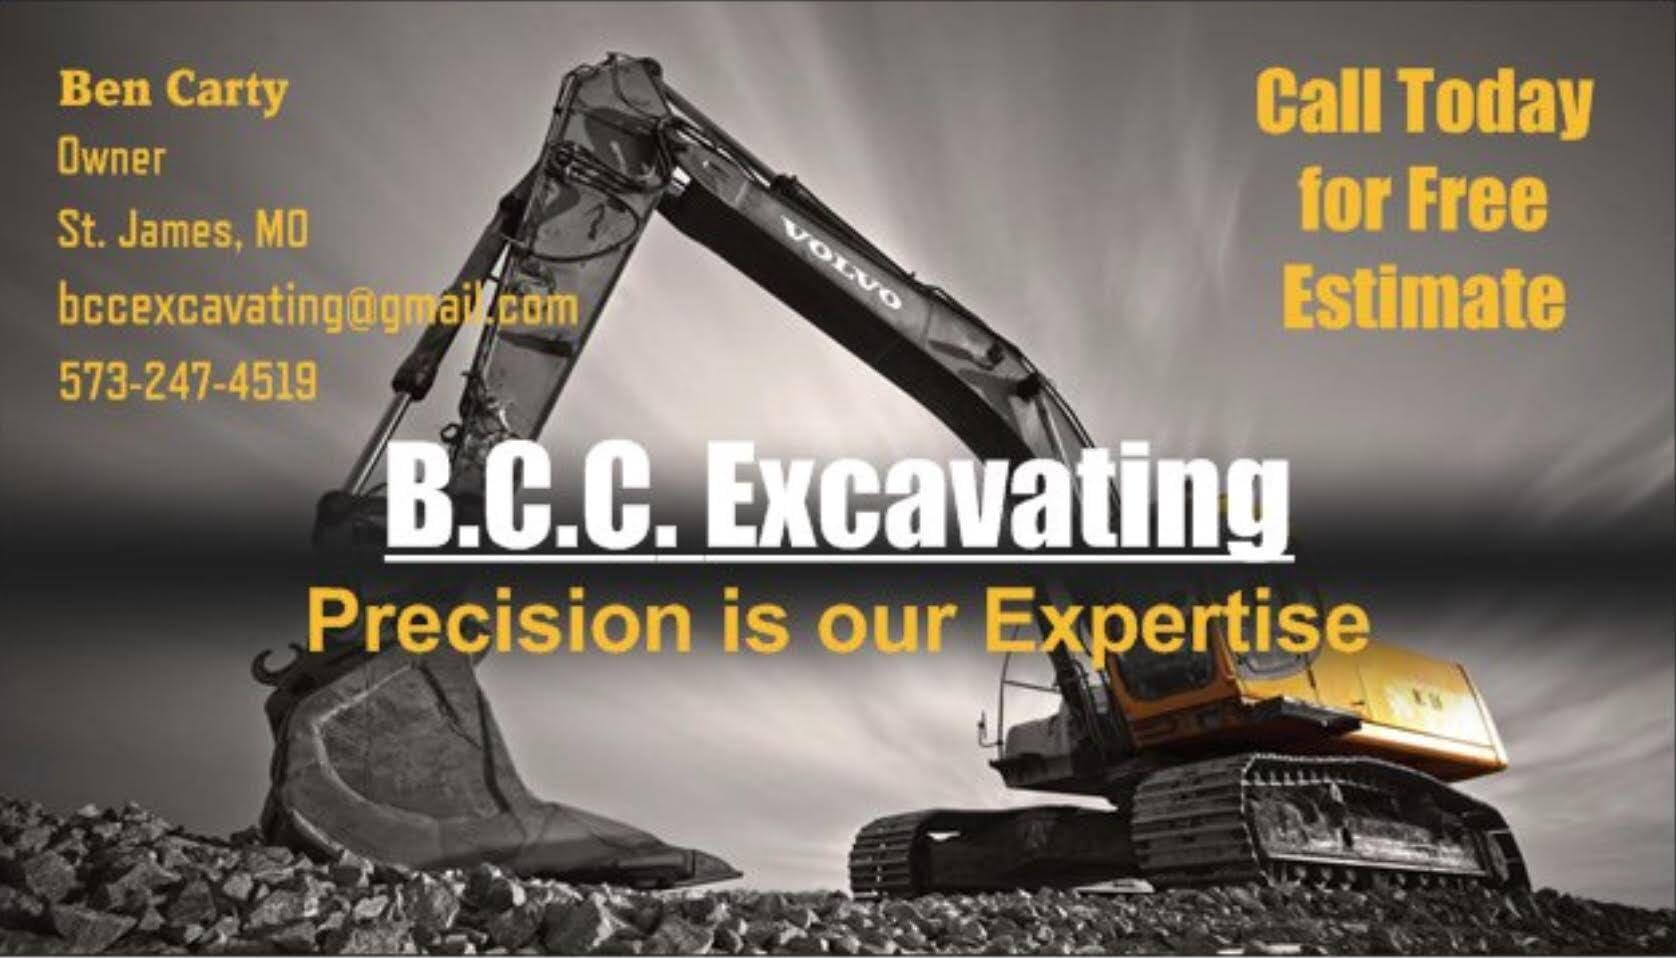 B.C.C. Excavating, LLC image 0